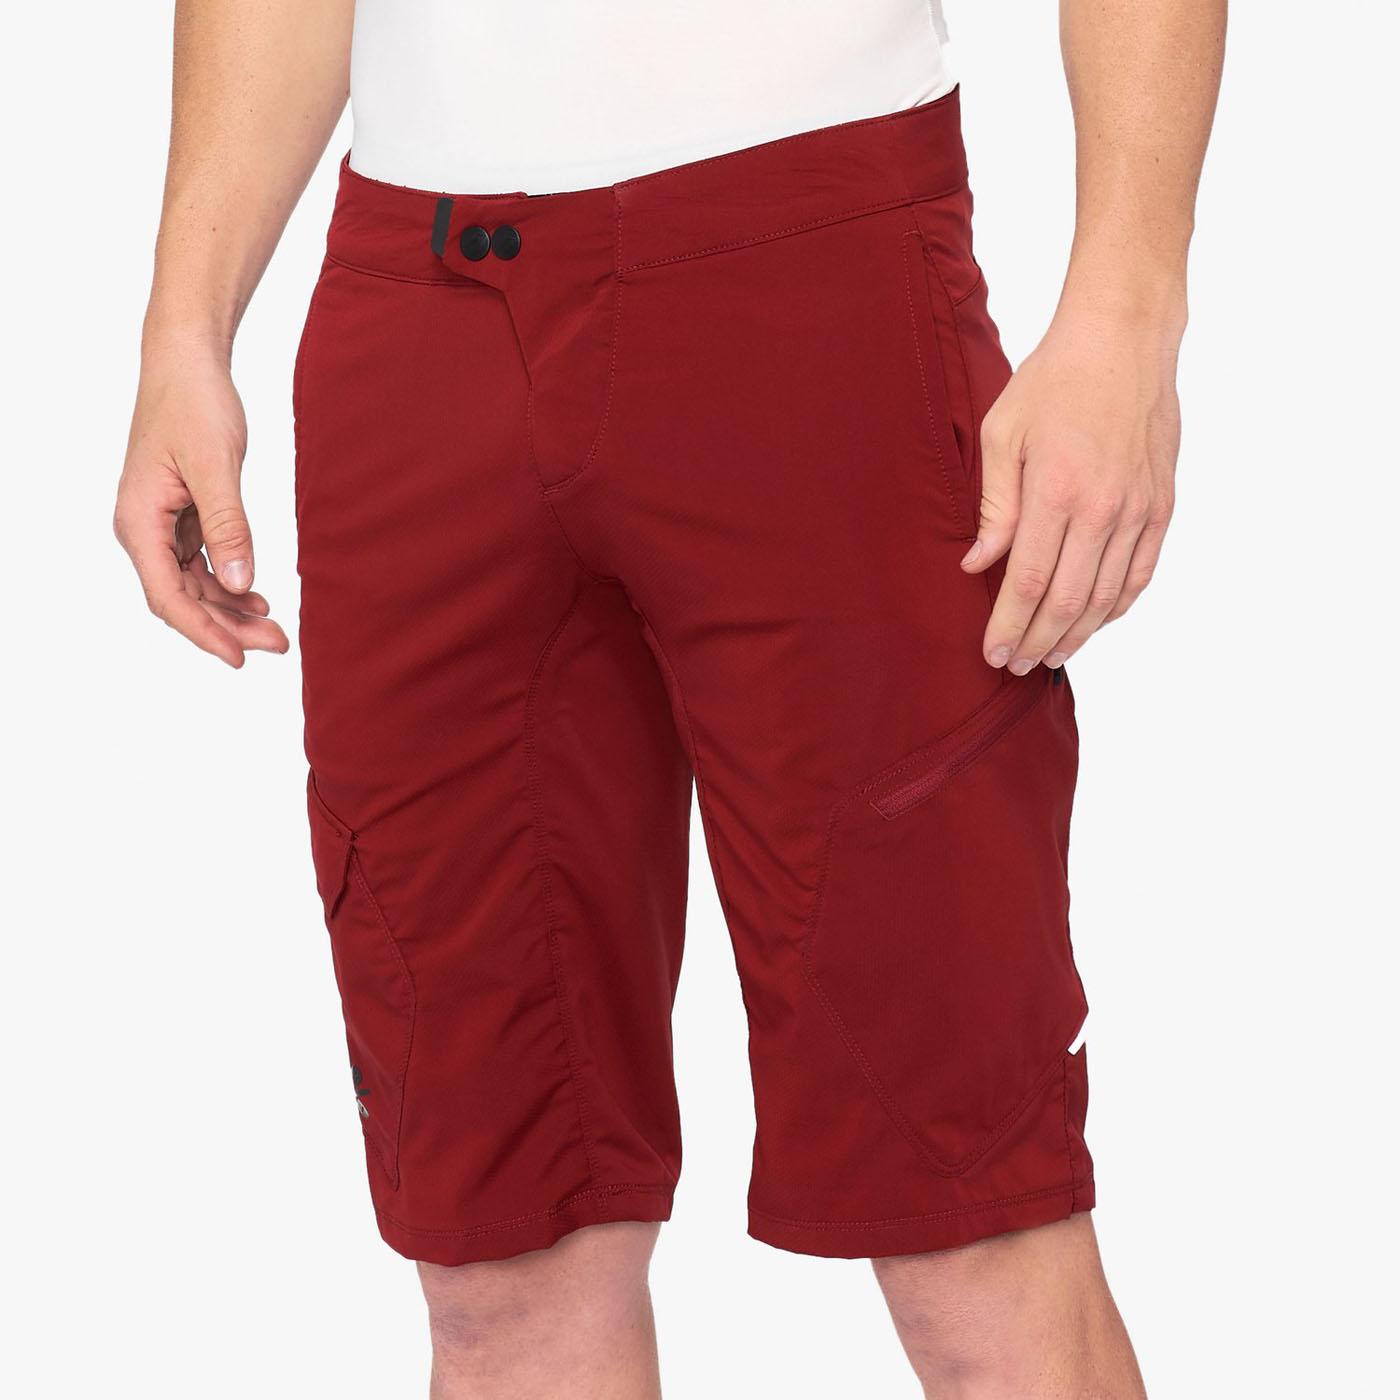 Imagen de 100% Ridecamp Shorts - Brick